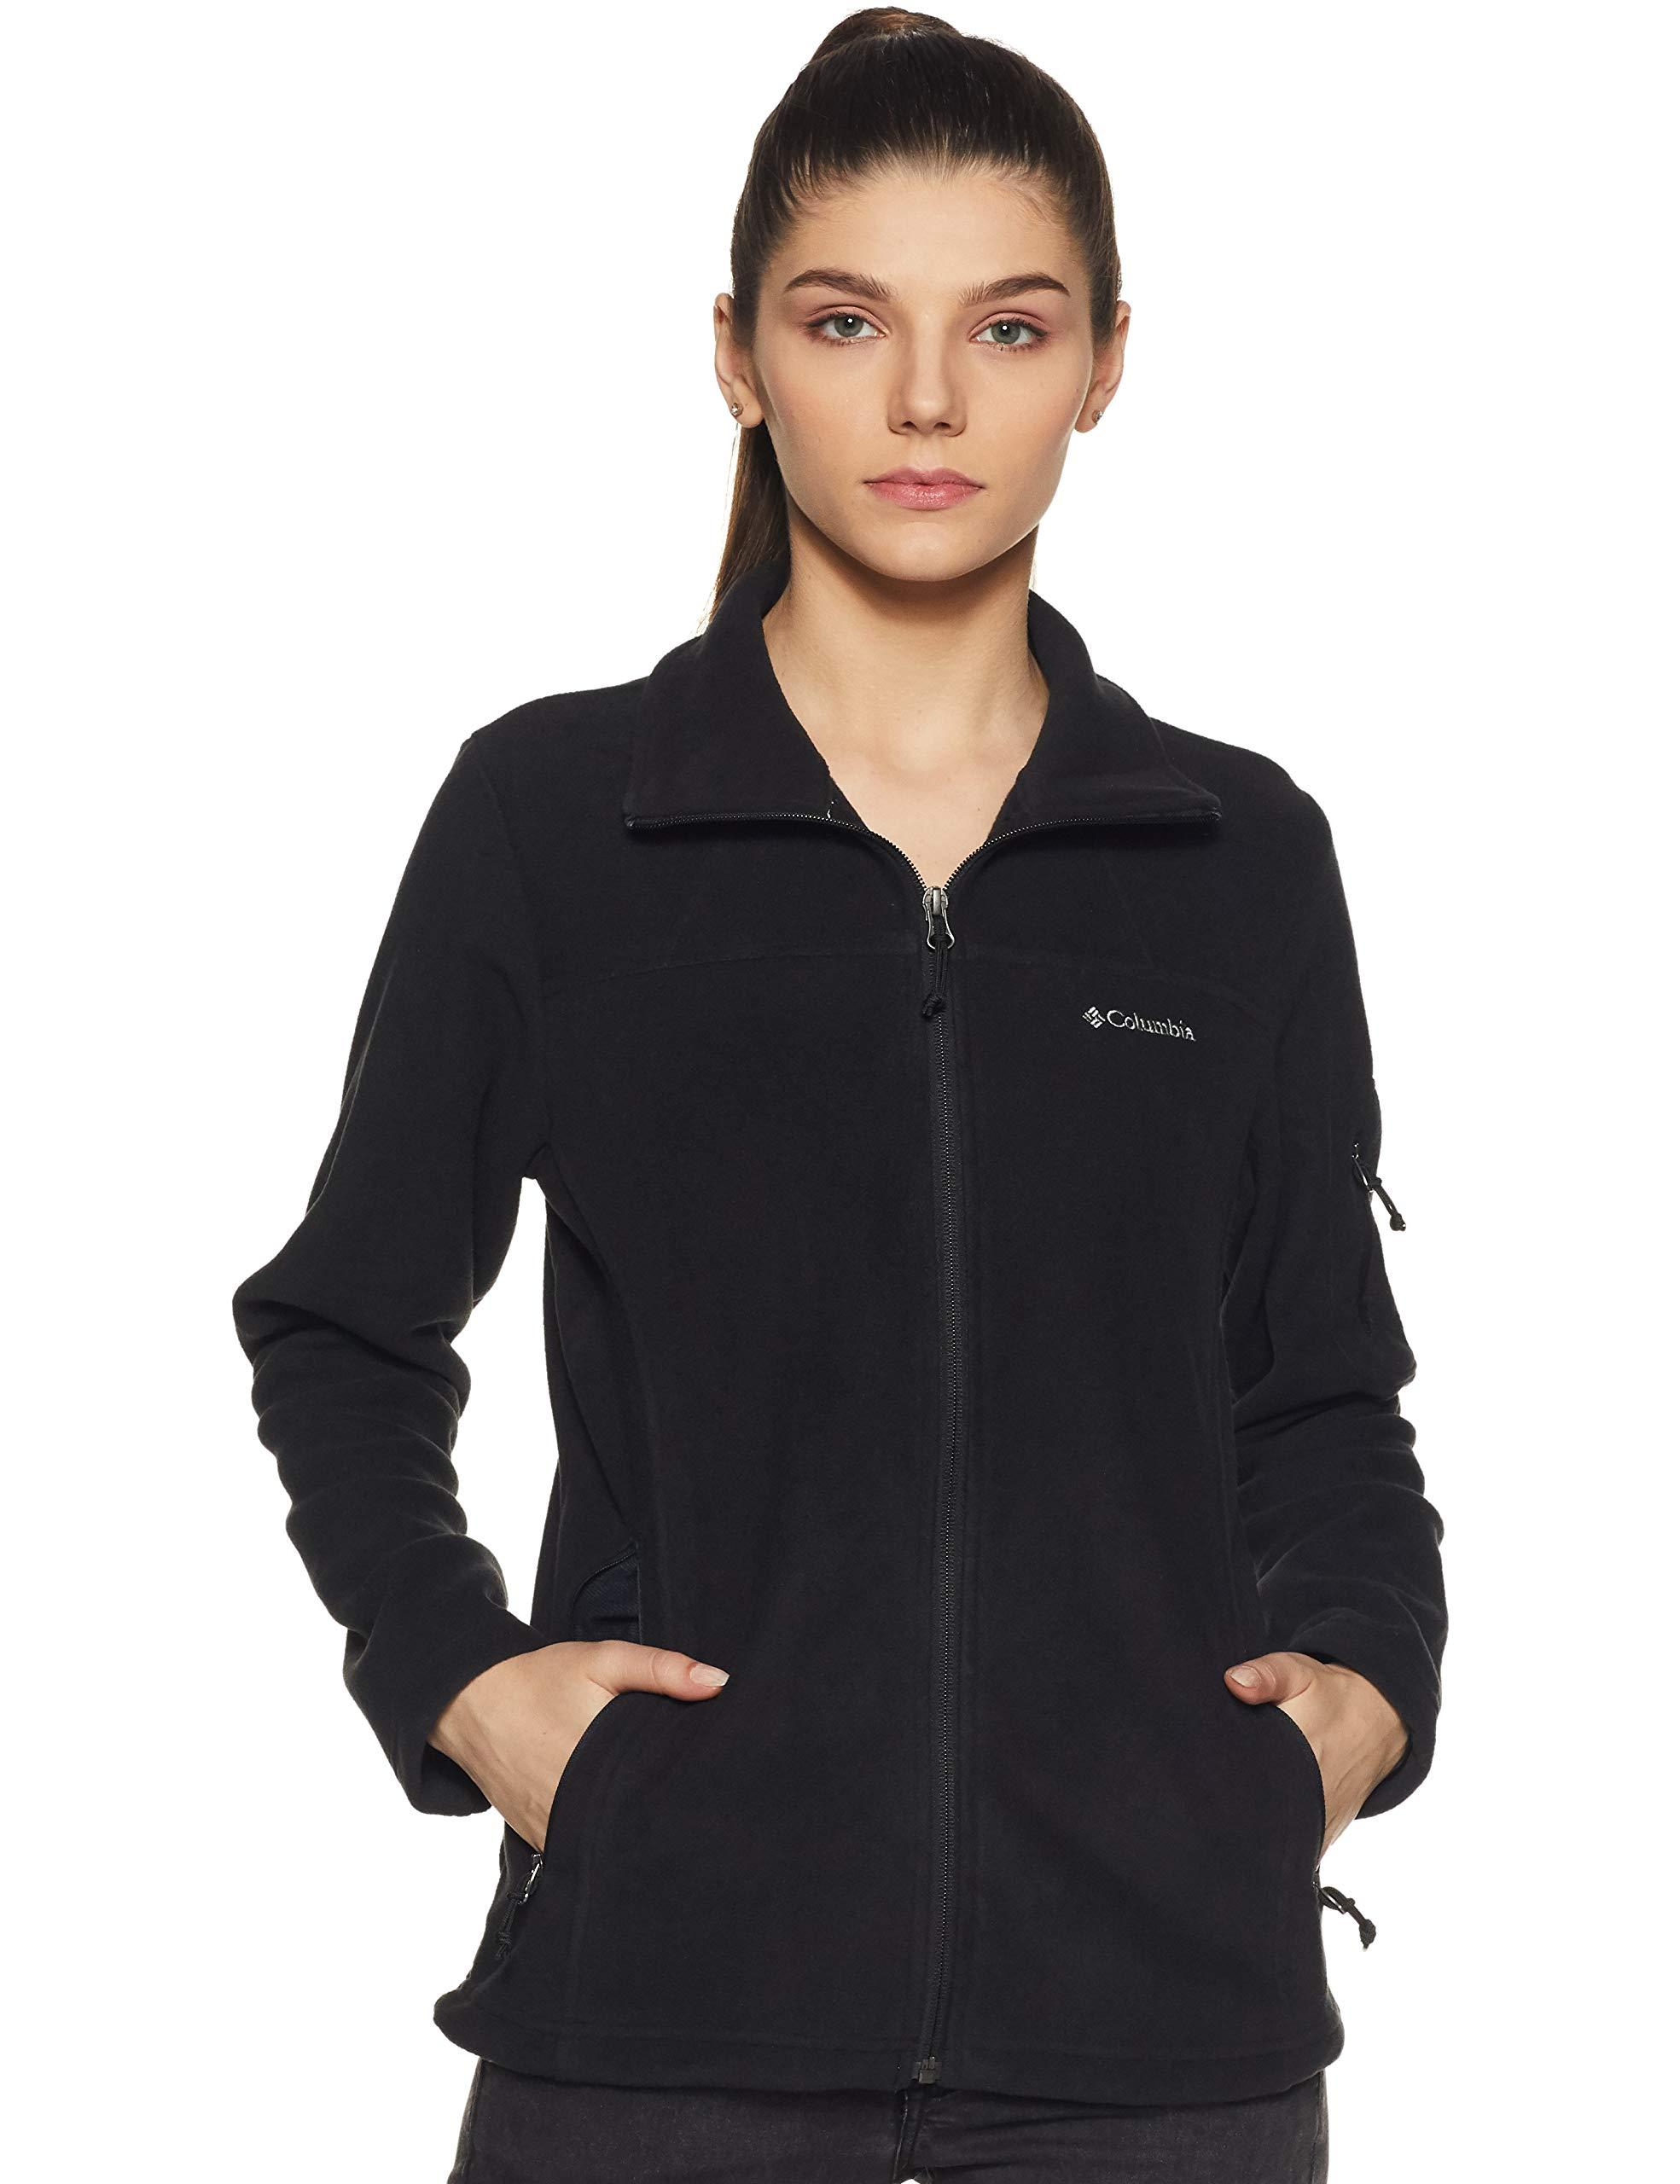 Mejor valorados en Ropa deportiva de abrigo para mujer